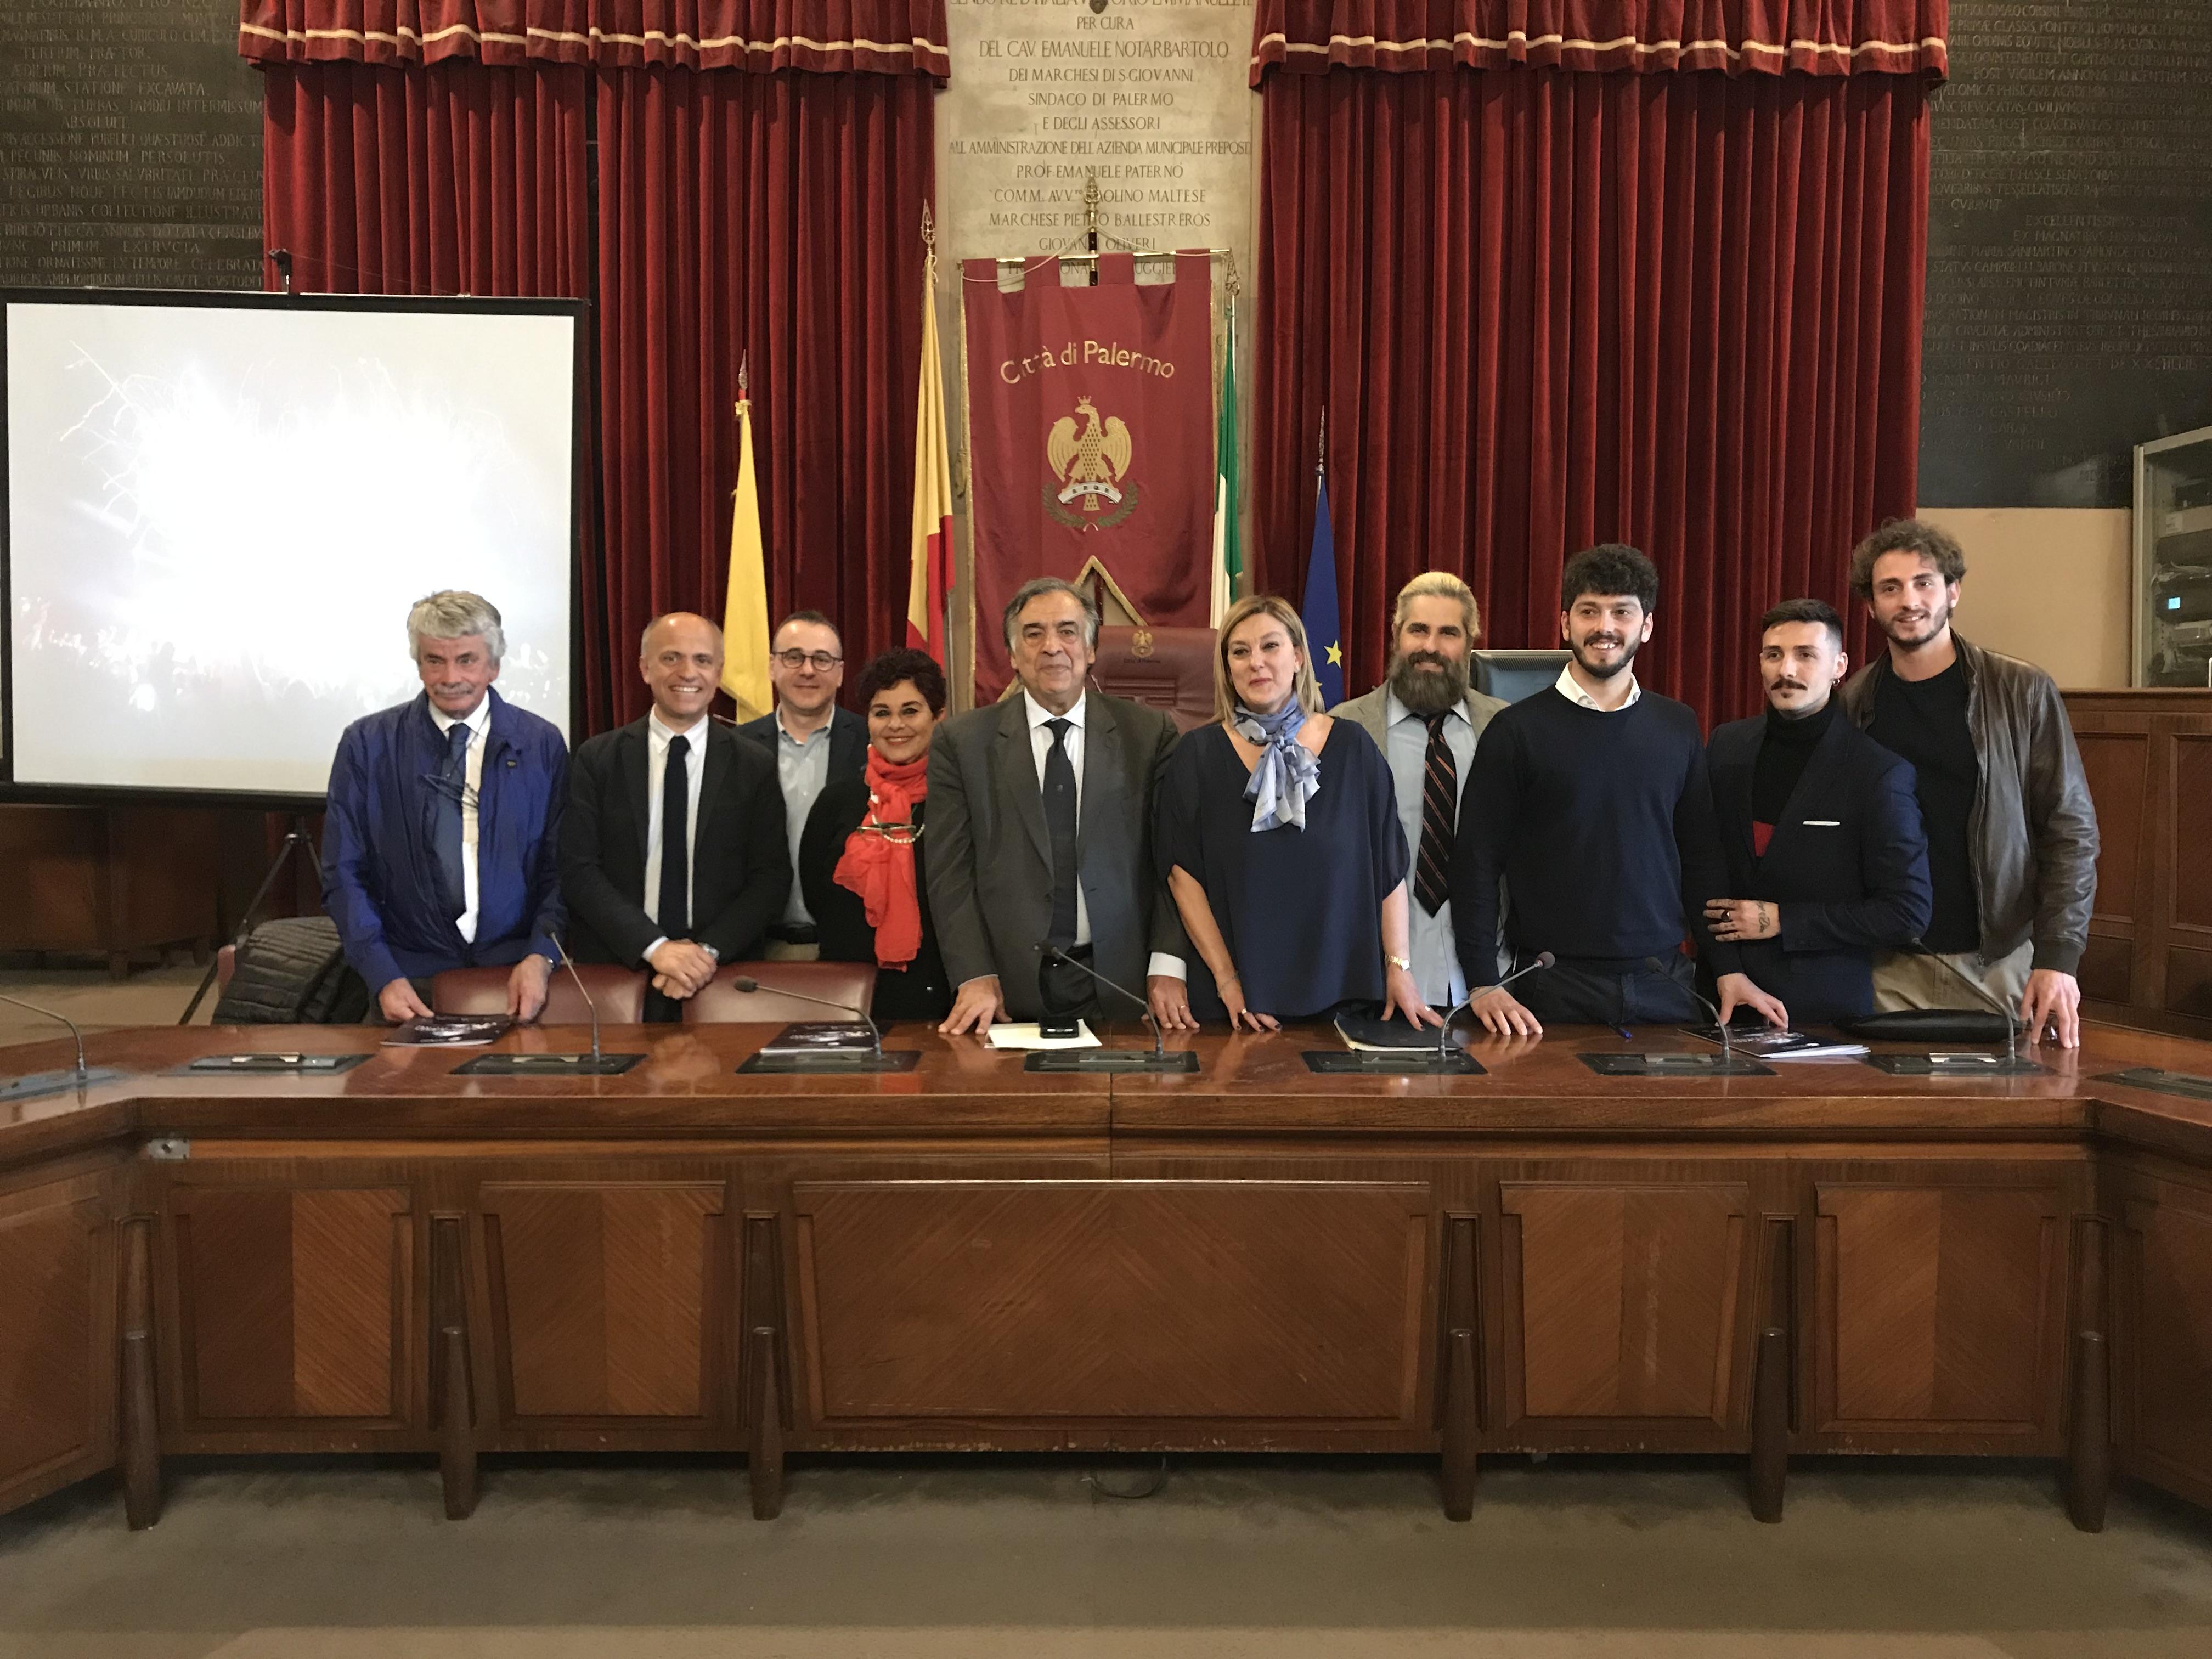 foto-conferenza-stampa-a-Palazzo-delle-Aquile